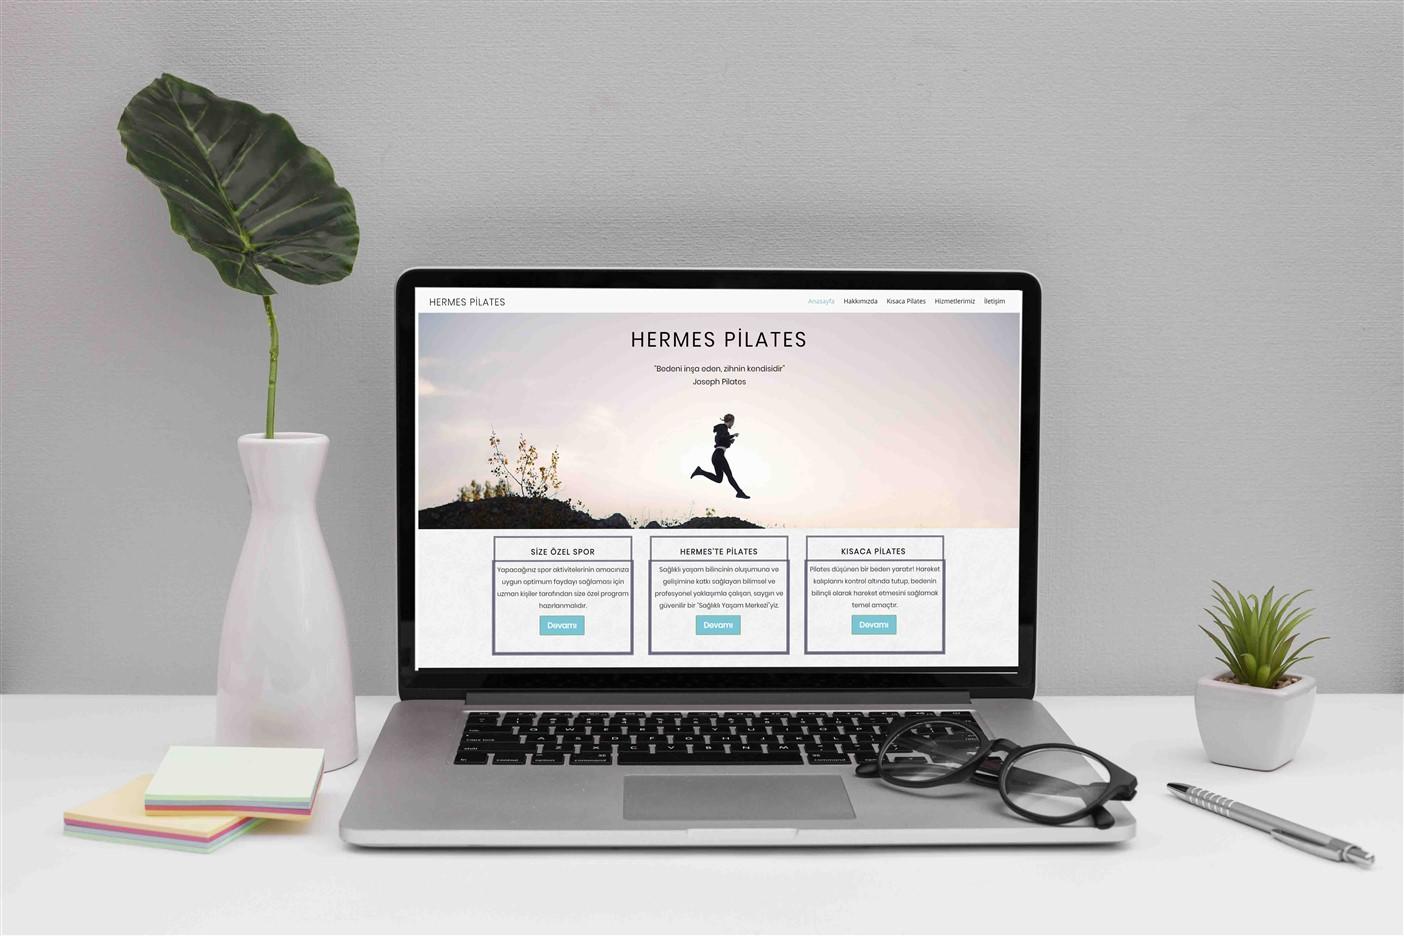 Hermes Pilates